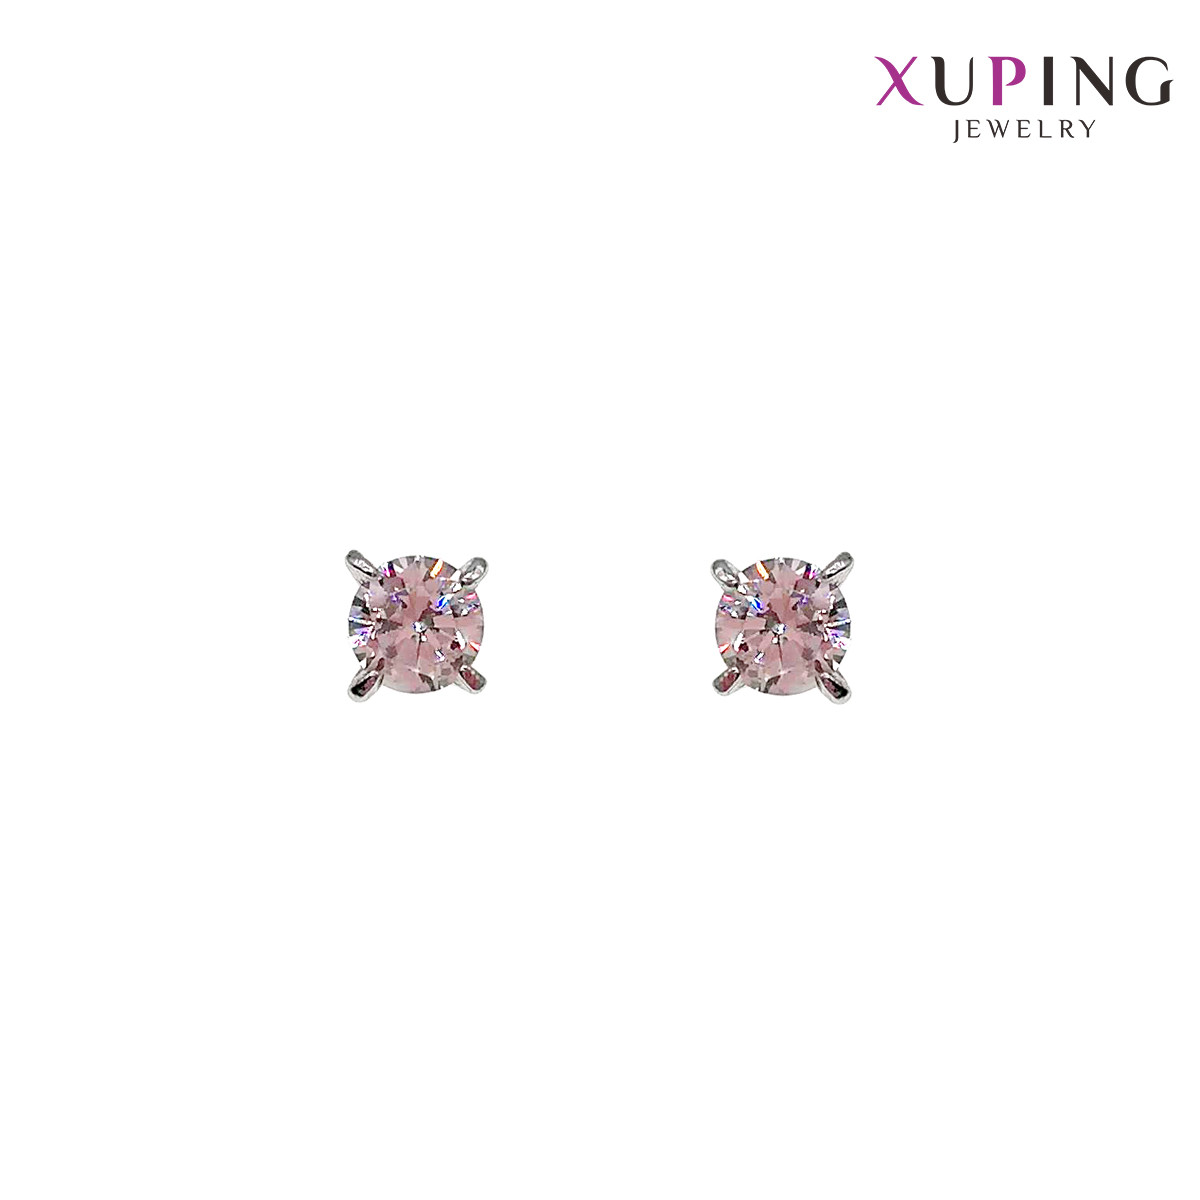 Серьги Xuping гвоздики, размер 5х5 мм, белые фианиты (куб. цирконий), вес 1,1 г, родий (белое золото), ХР00724